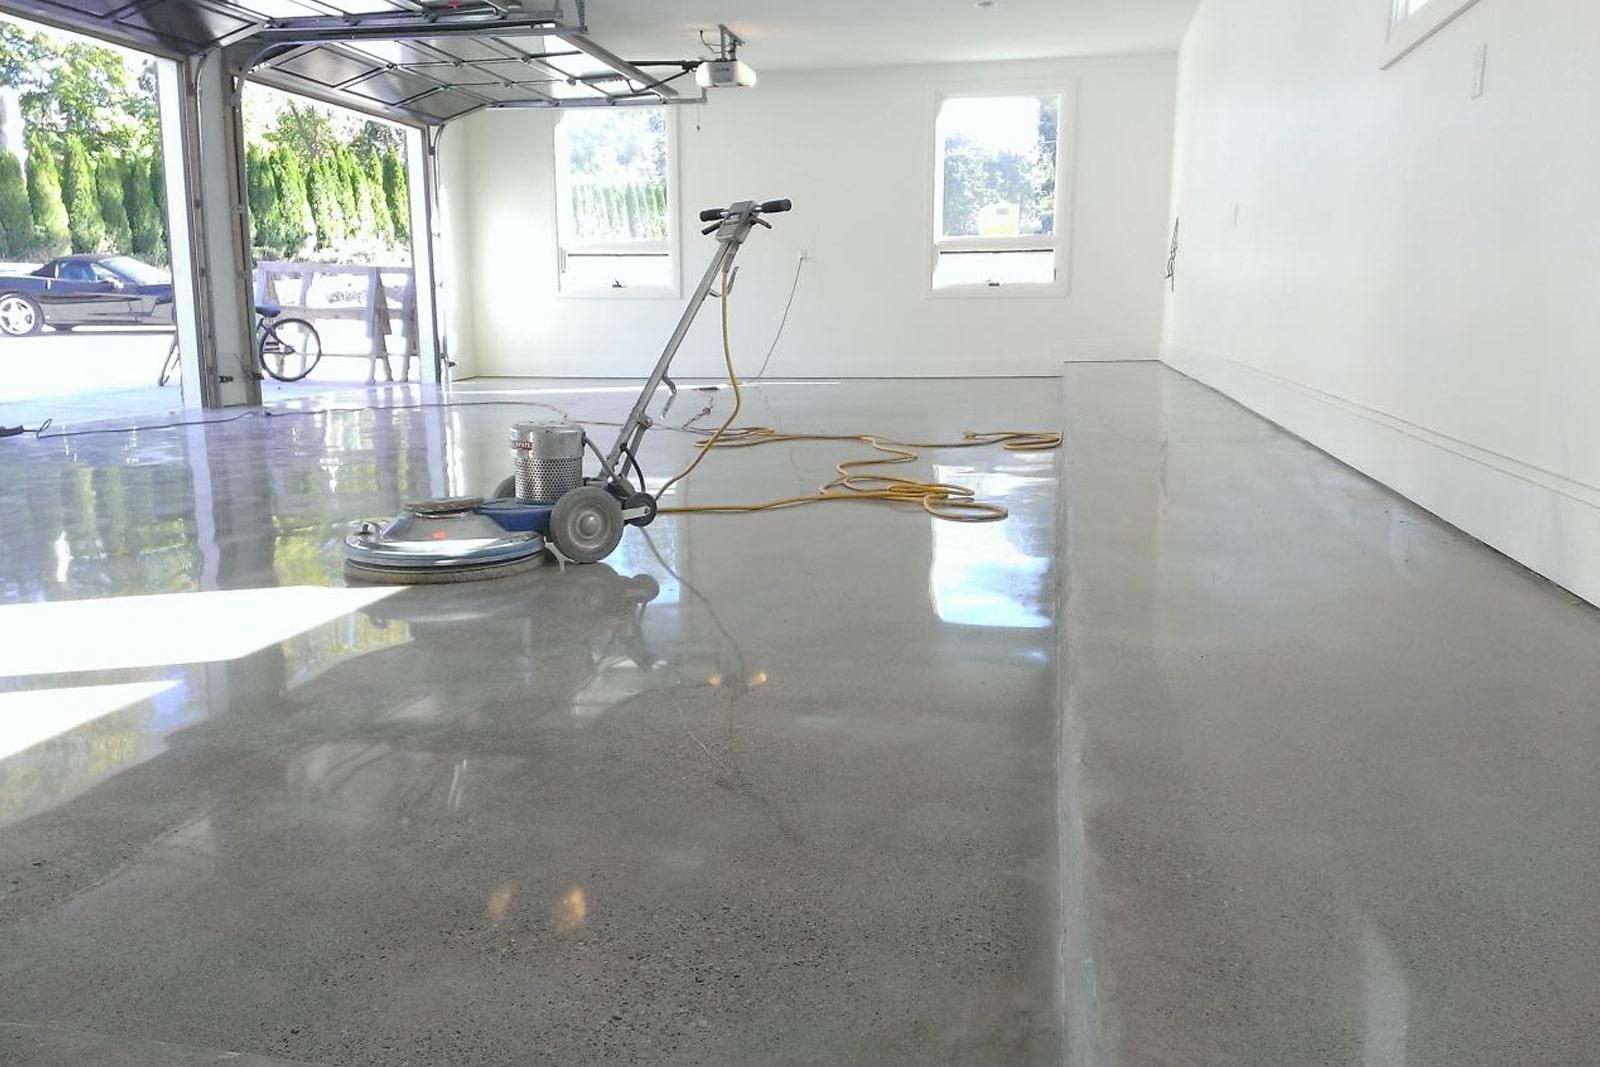 Какое техобслуживание необходимо для полированного бетонного пола